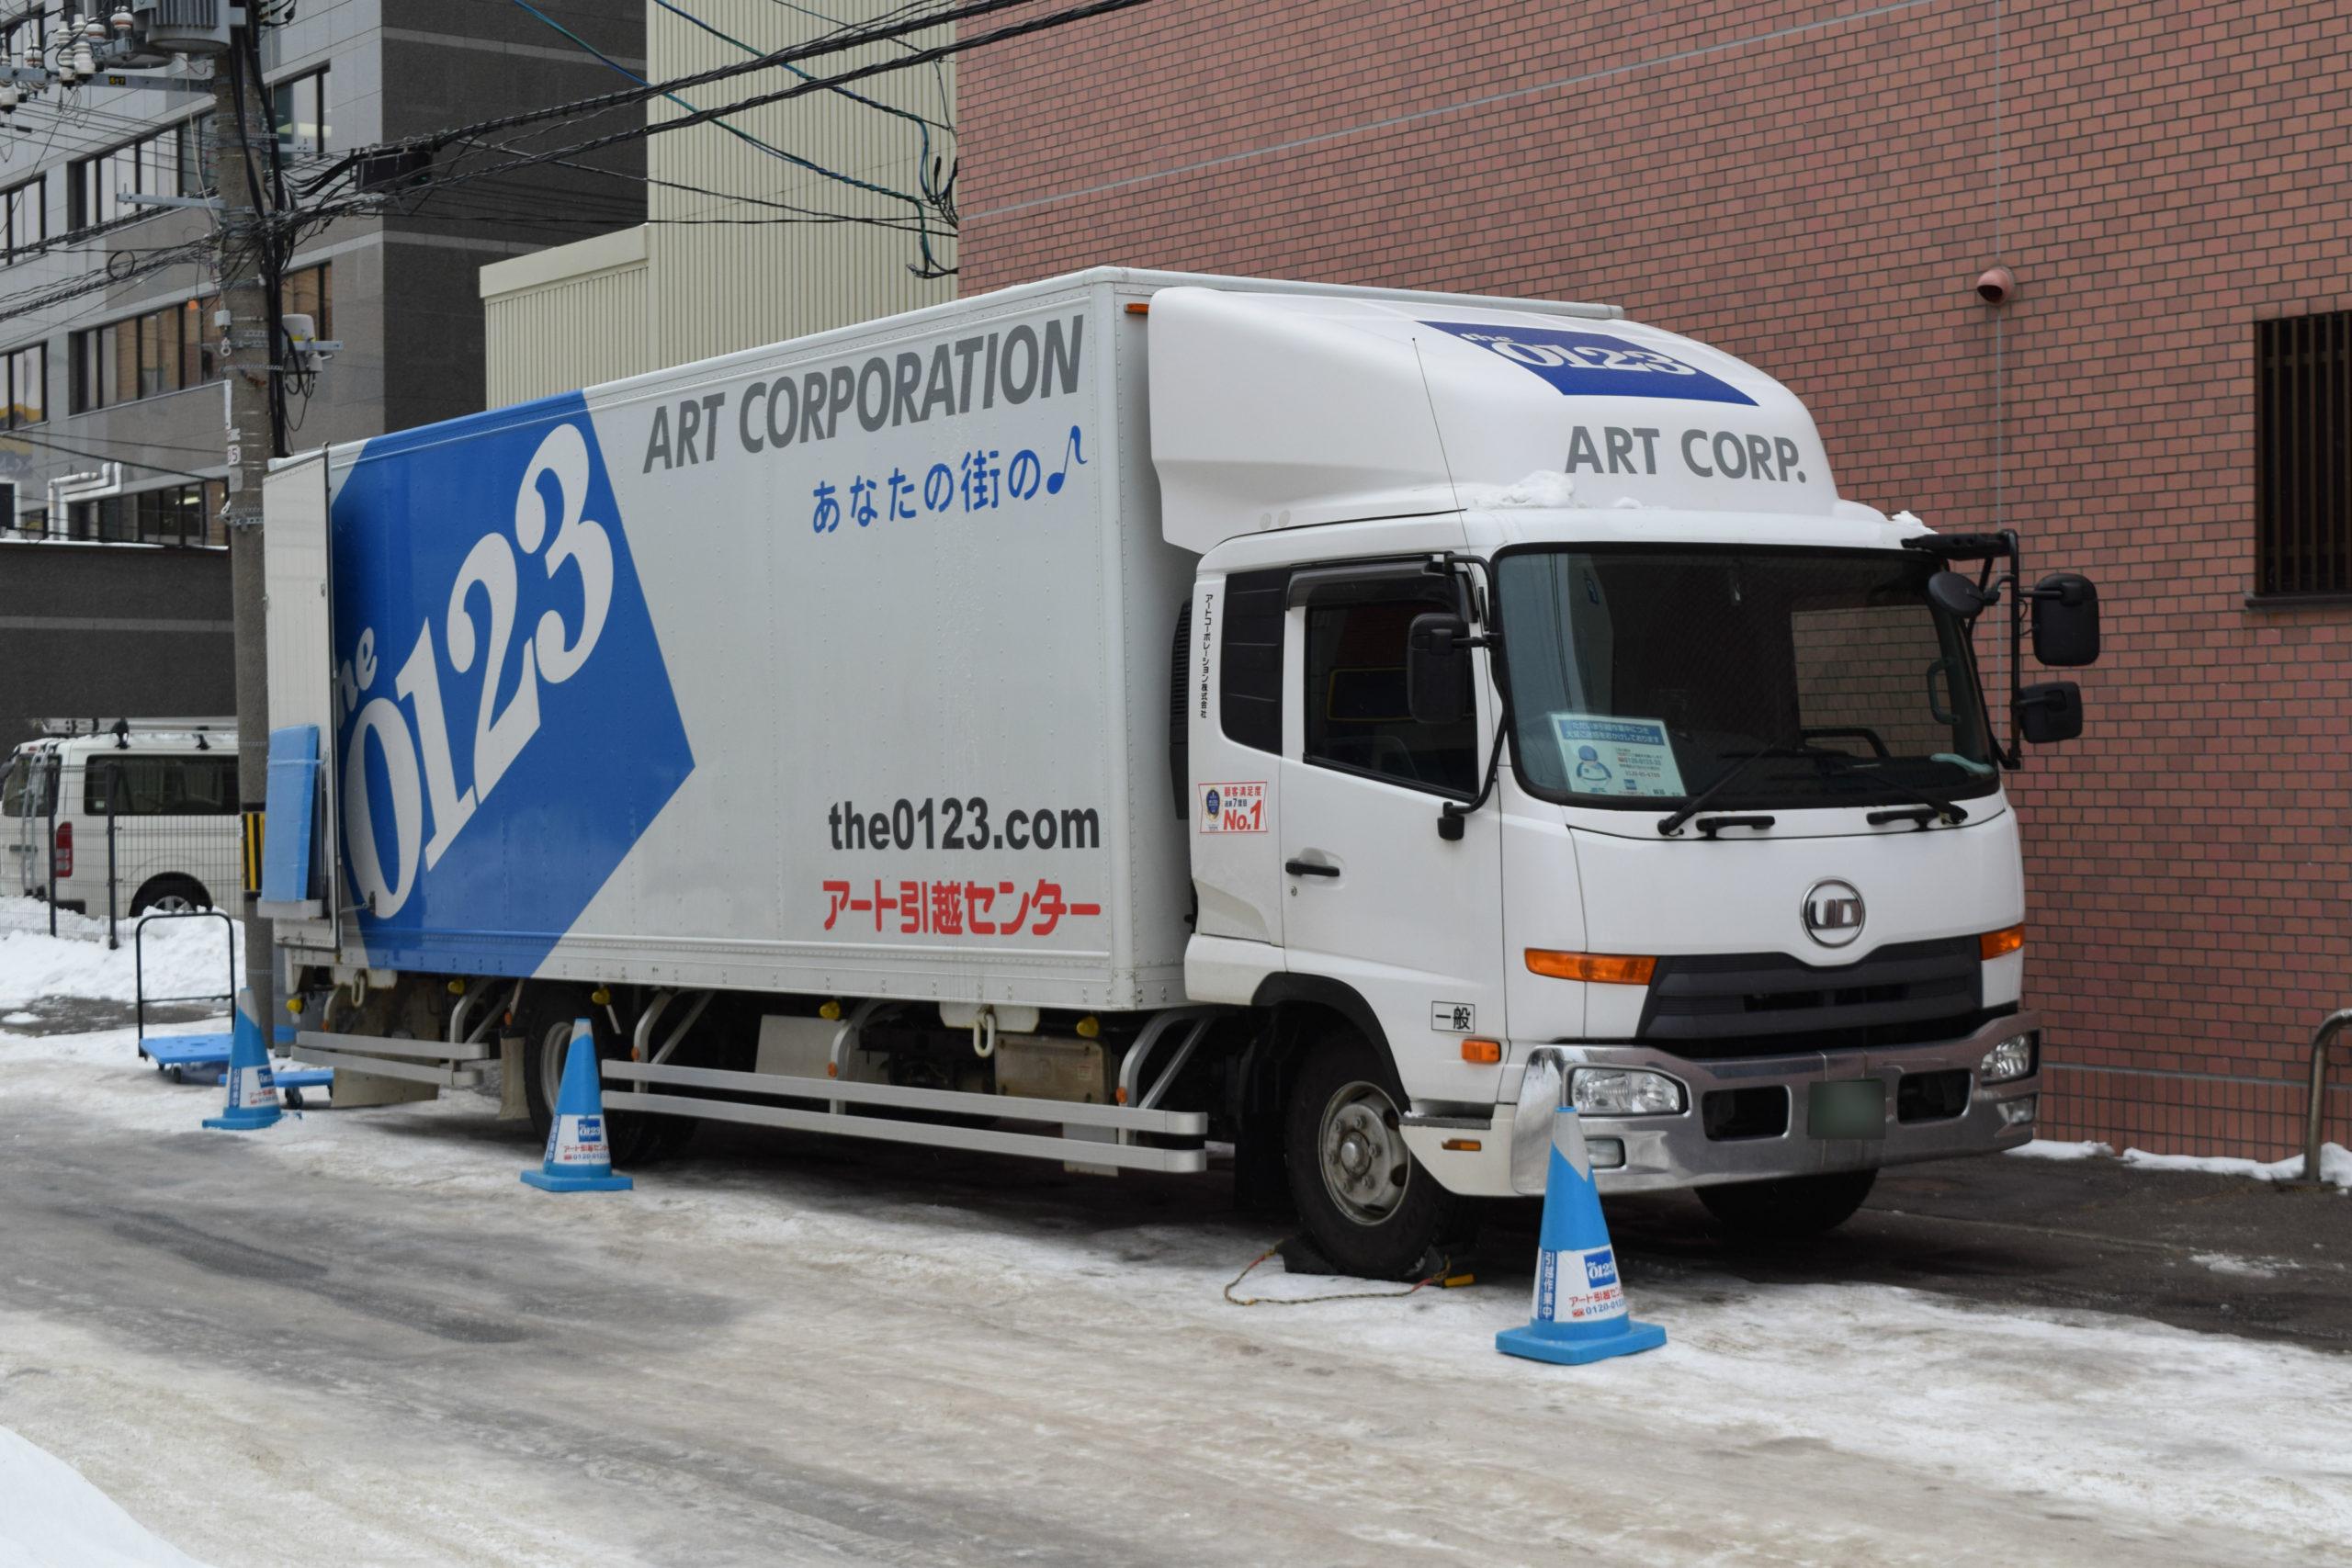 北海道内・道外への引越料金・引越代を安く抑えるポイントとコツ